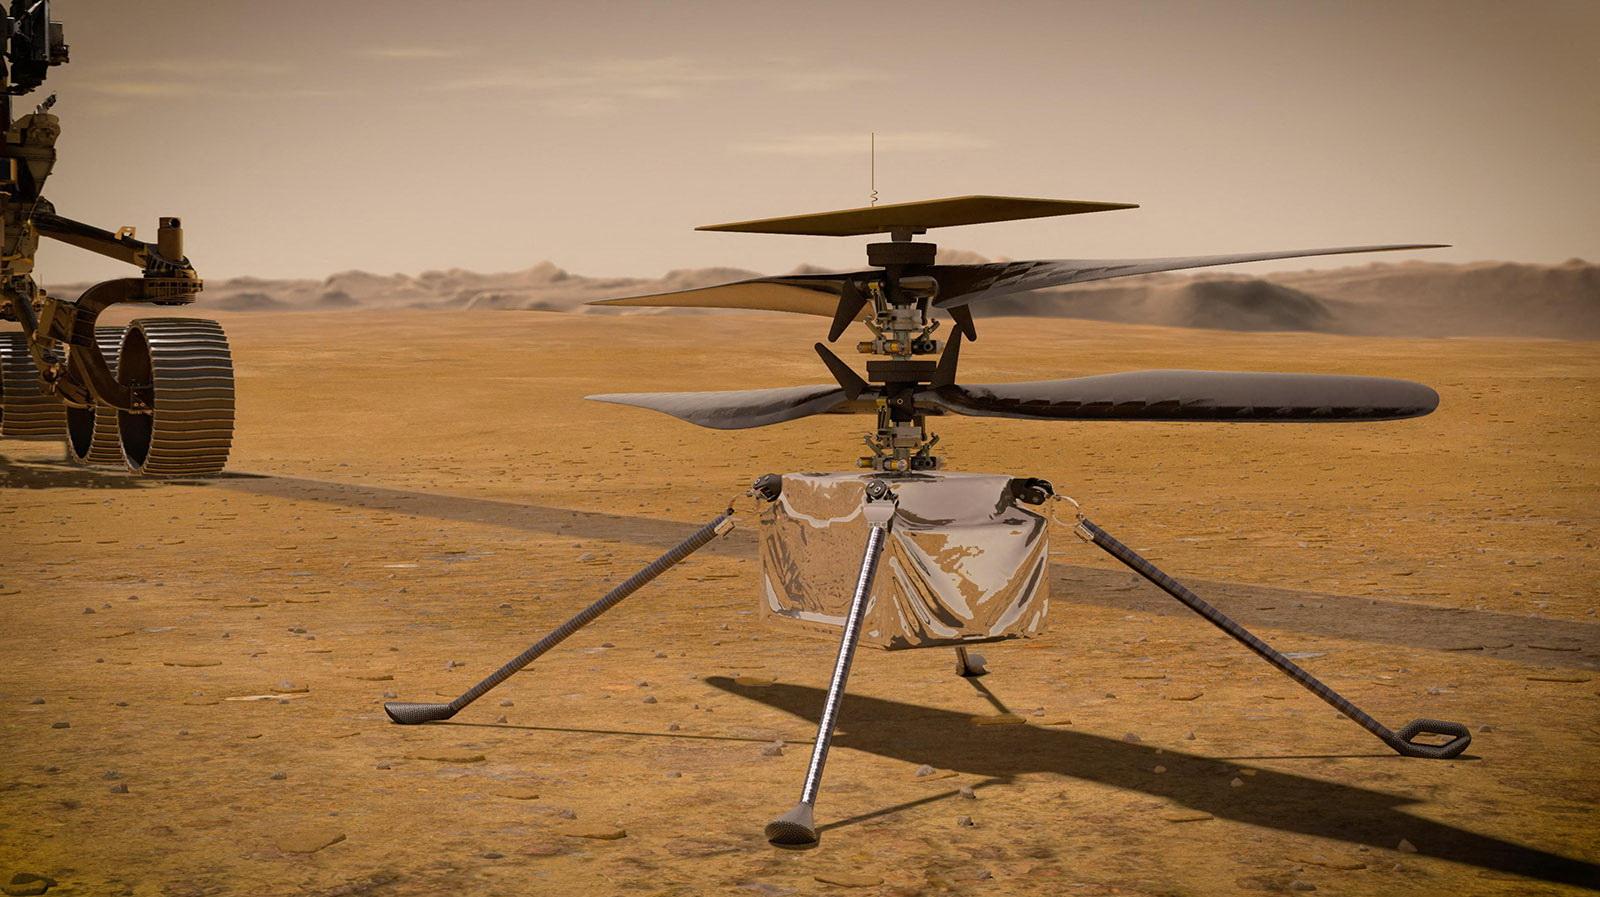 나사에서 제공한 화성 탐사 소형 헬기 '인저뉴어티' 상상도. 위에 태양광 패널이 부착되어 있다. 비행을 위한 전력을 충전한다. 2중으로 설계된 날개는 길이가 1.2m. 그 아래 본체에는 카메라와 센서가 부착되어 있다. 인저뉴어티의 비행고도는 최대 5m, 활동반경은 최대 300m다. 지구에서는 무게가 1.8kg이지만 화성은 중력이 지구의 3분의 1 정도라 화성 중력은 0.68kg이다. AFP=연합뉴스